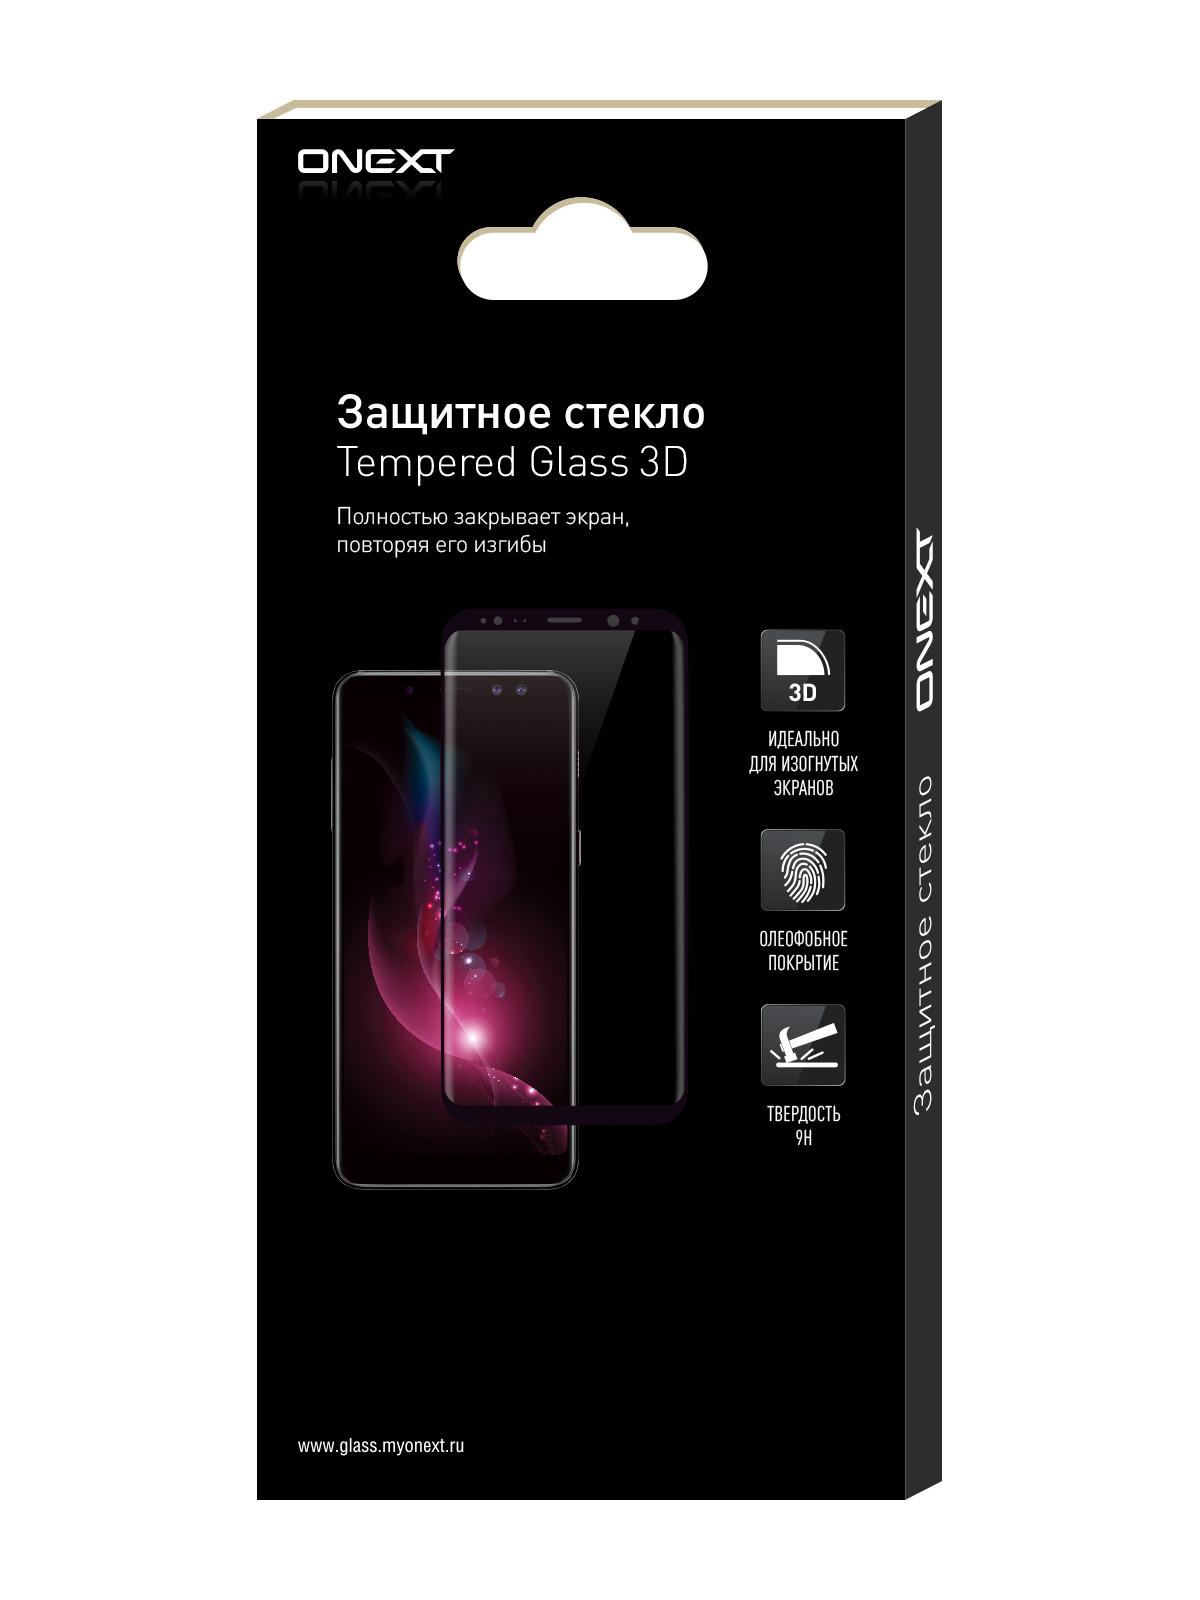 Защитное стекло ONEXT для Huawei P30 Pro Black